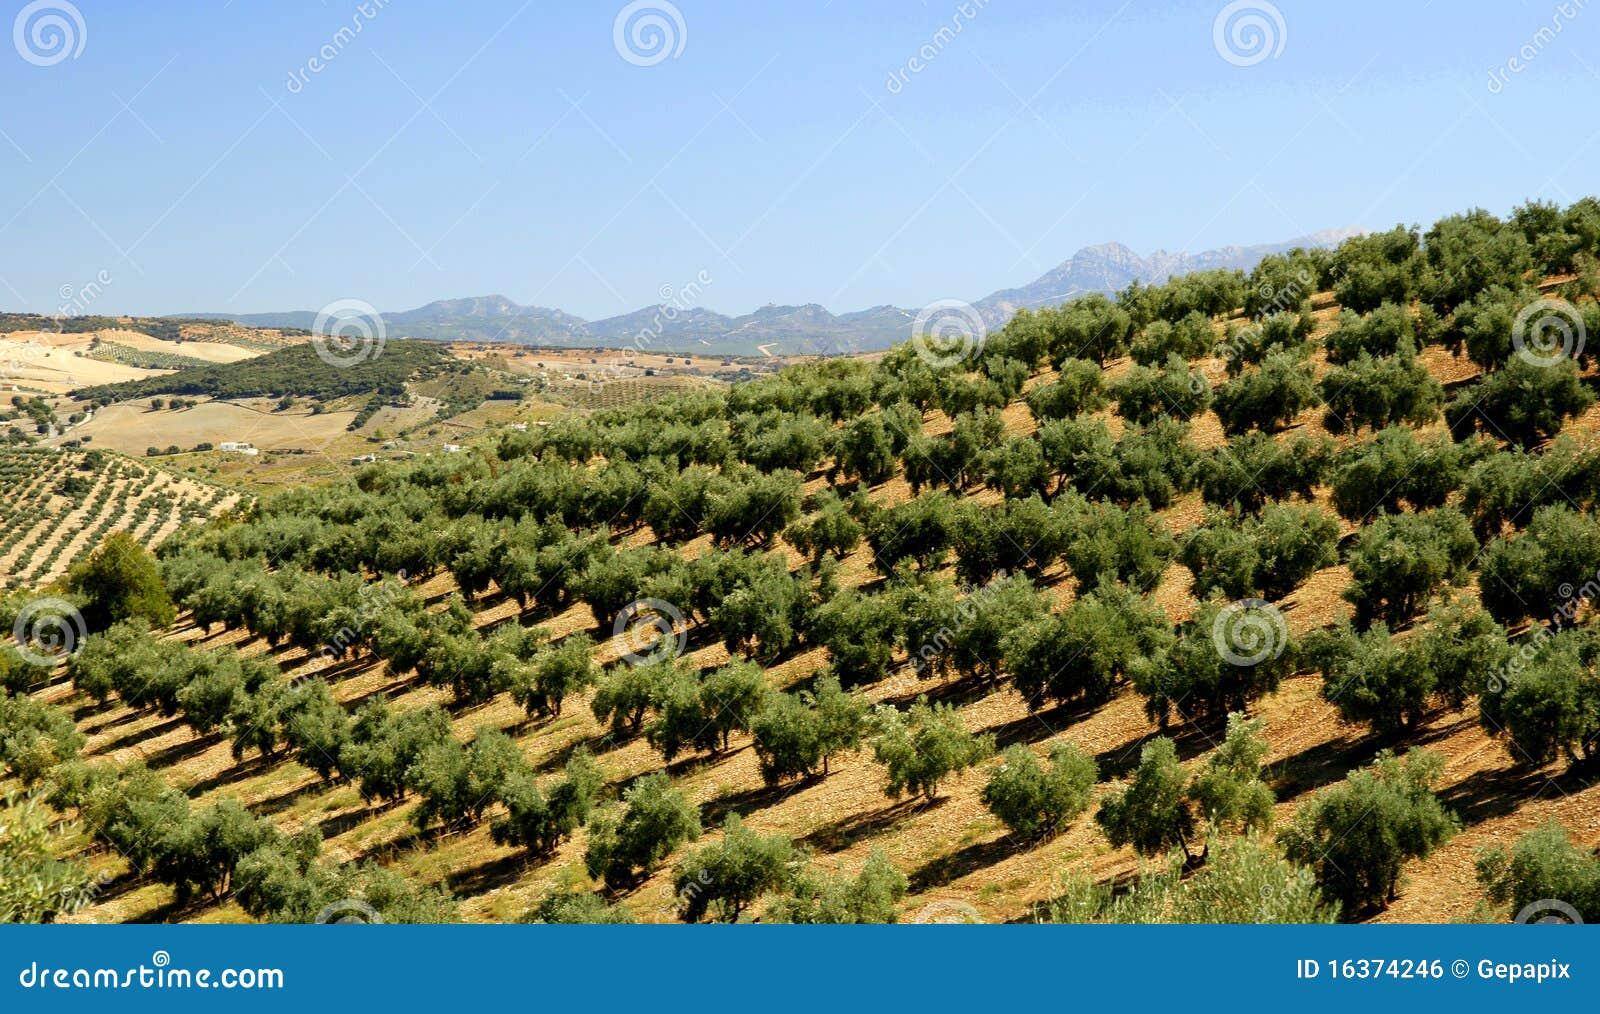 plantation d 39 olivier photo stock image du arbres l gume 16374246. Black Bedroom Furniture Sets. Home Design Ideas